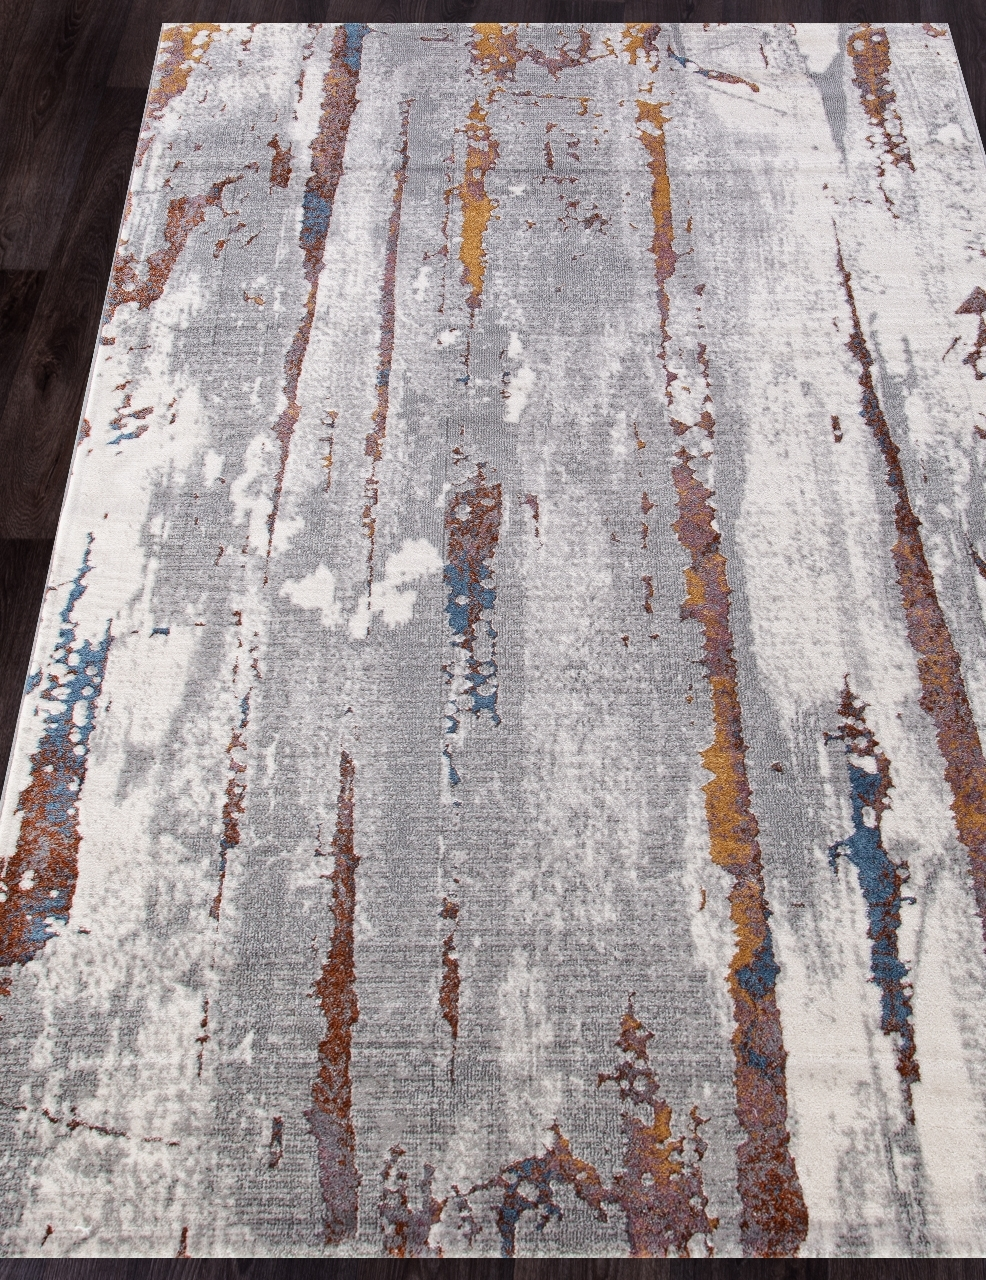 Ковер 7353A - L.GREY / L.GREY - Прямоугольник - коллекция PAMIR - фото 1